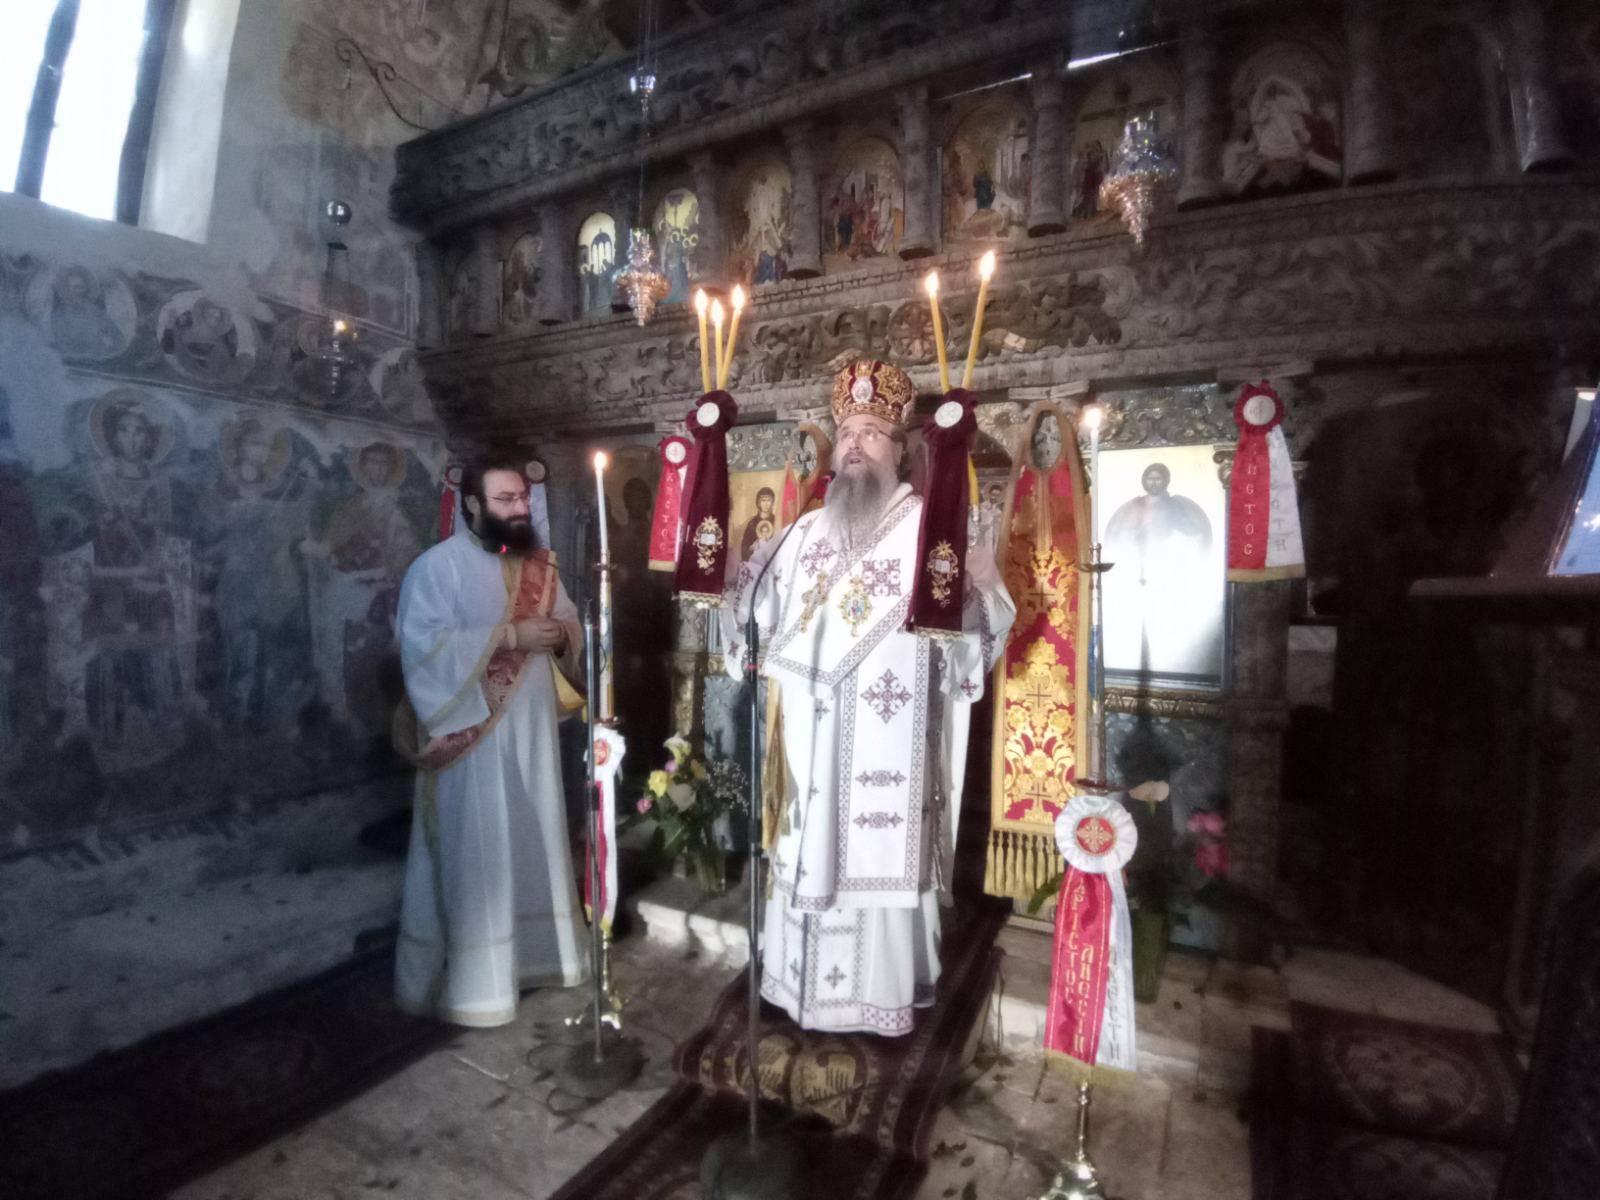 Θεία Λειτουργία Αγίου Μεγαλομάρτυρος Χριστοφόρου στο Μοναστήρι Αγίου Ιωάννου στο Λιβάδι Καρυάς